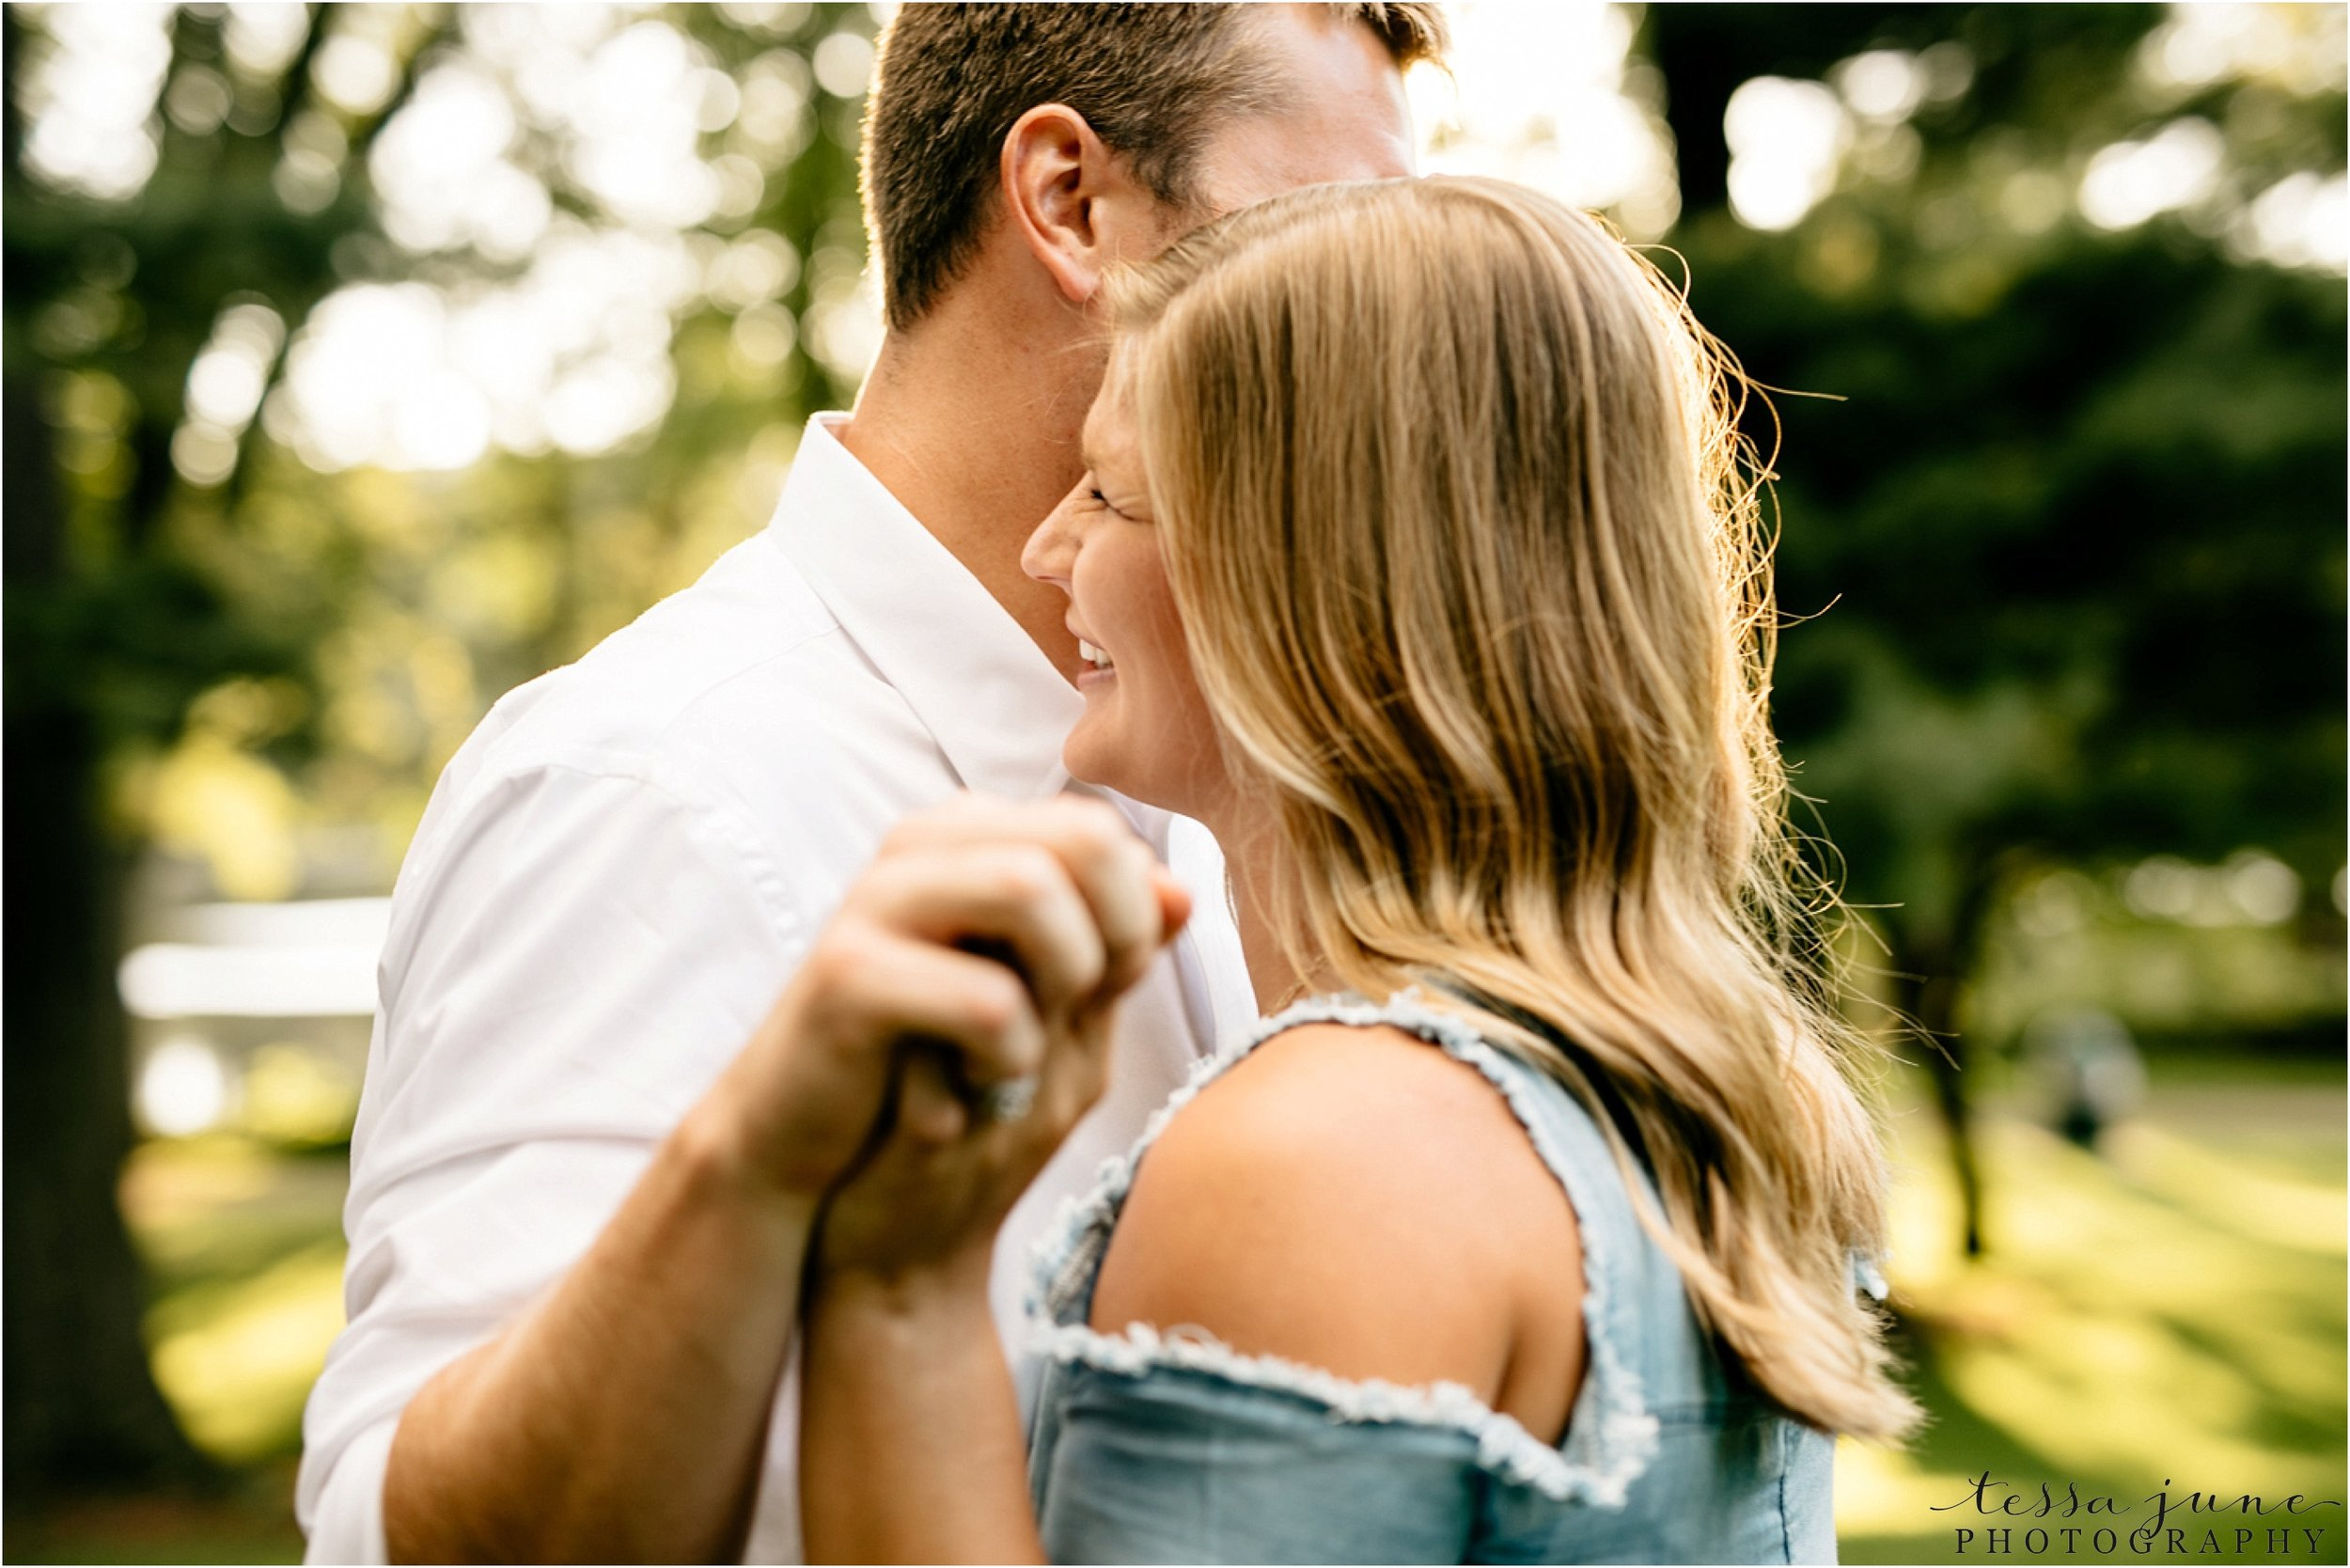 st-cloud-wedding-photographer-tessa-june-photography-munsinger-garden-engagement-26.jpg